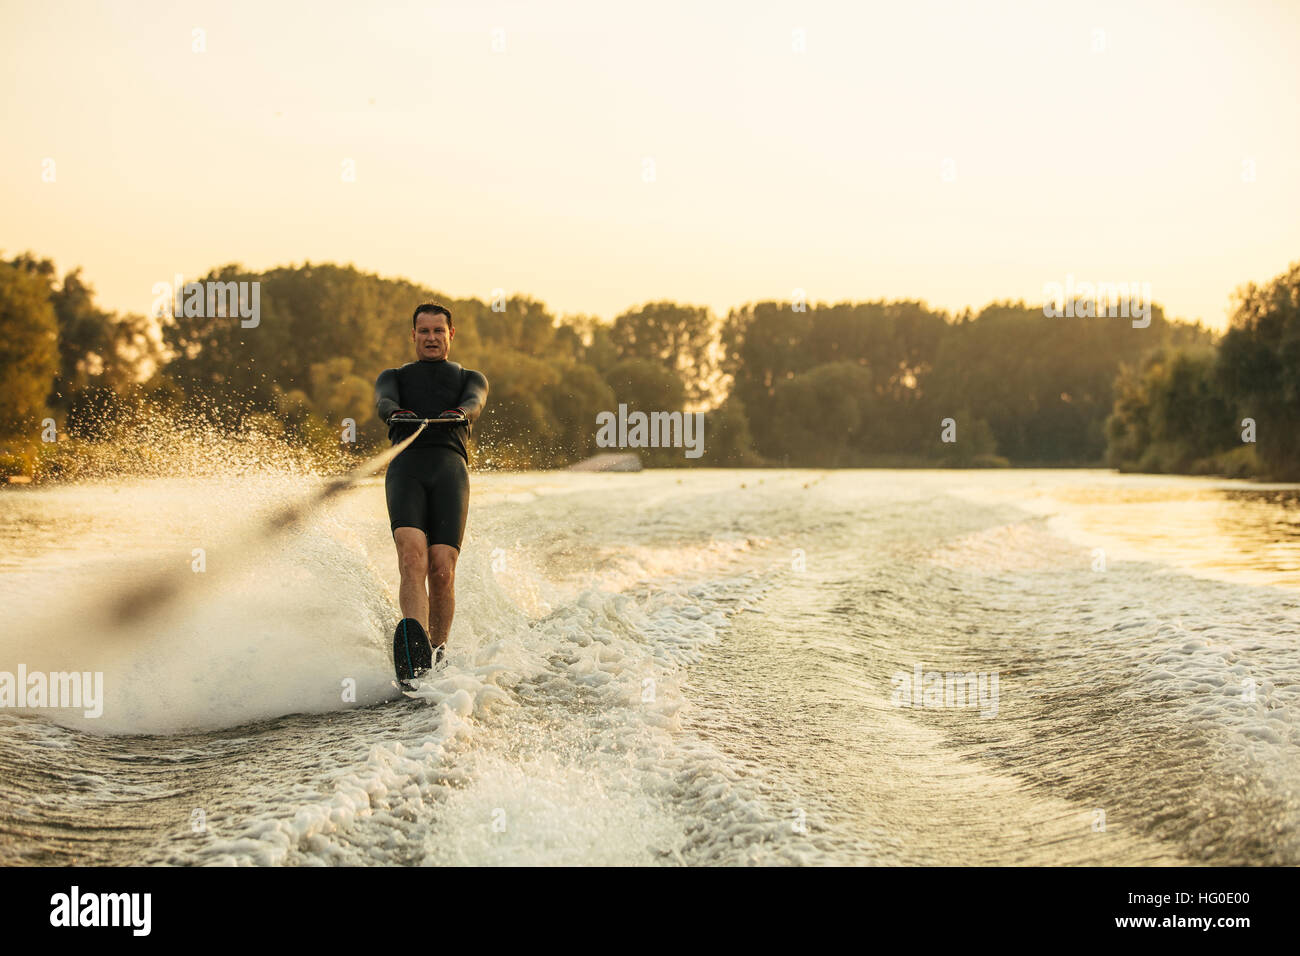 Mann, die Welle der Motorboot Wakeboard fahren. Männliche Wasserski hinter einem Boot auf See. Stockbild